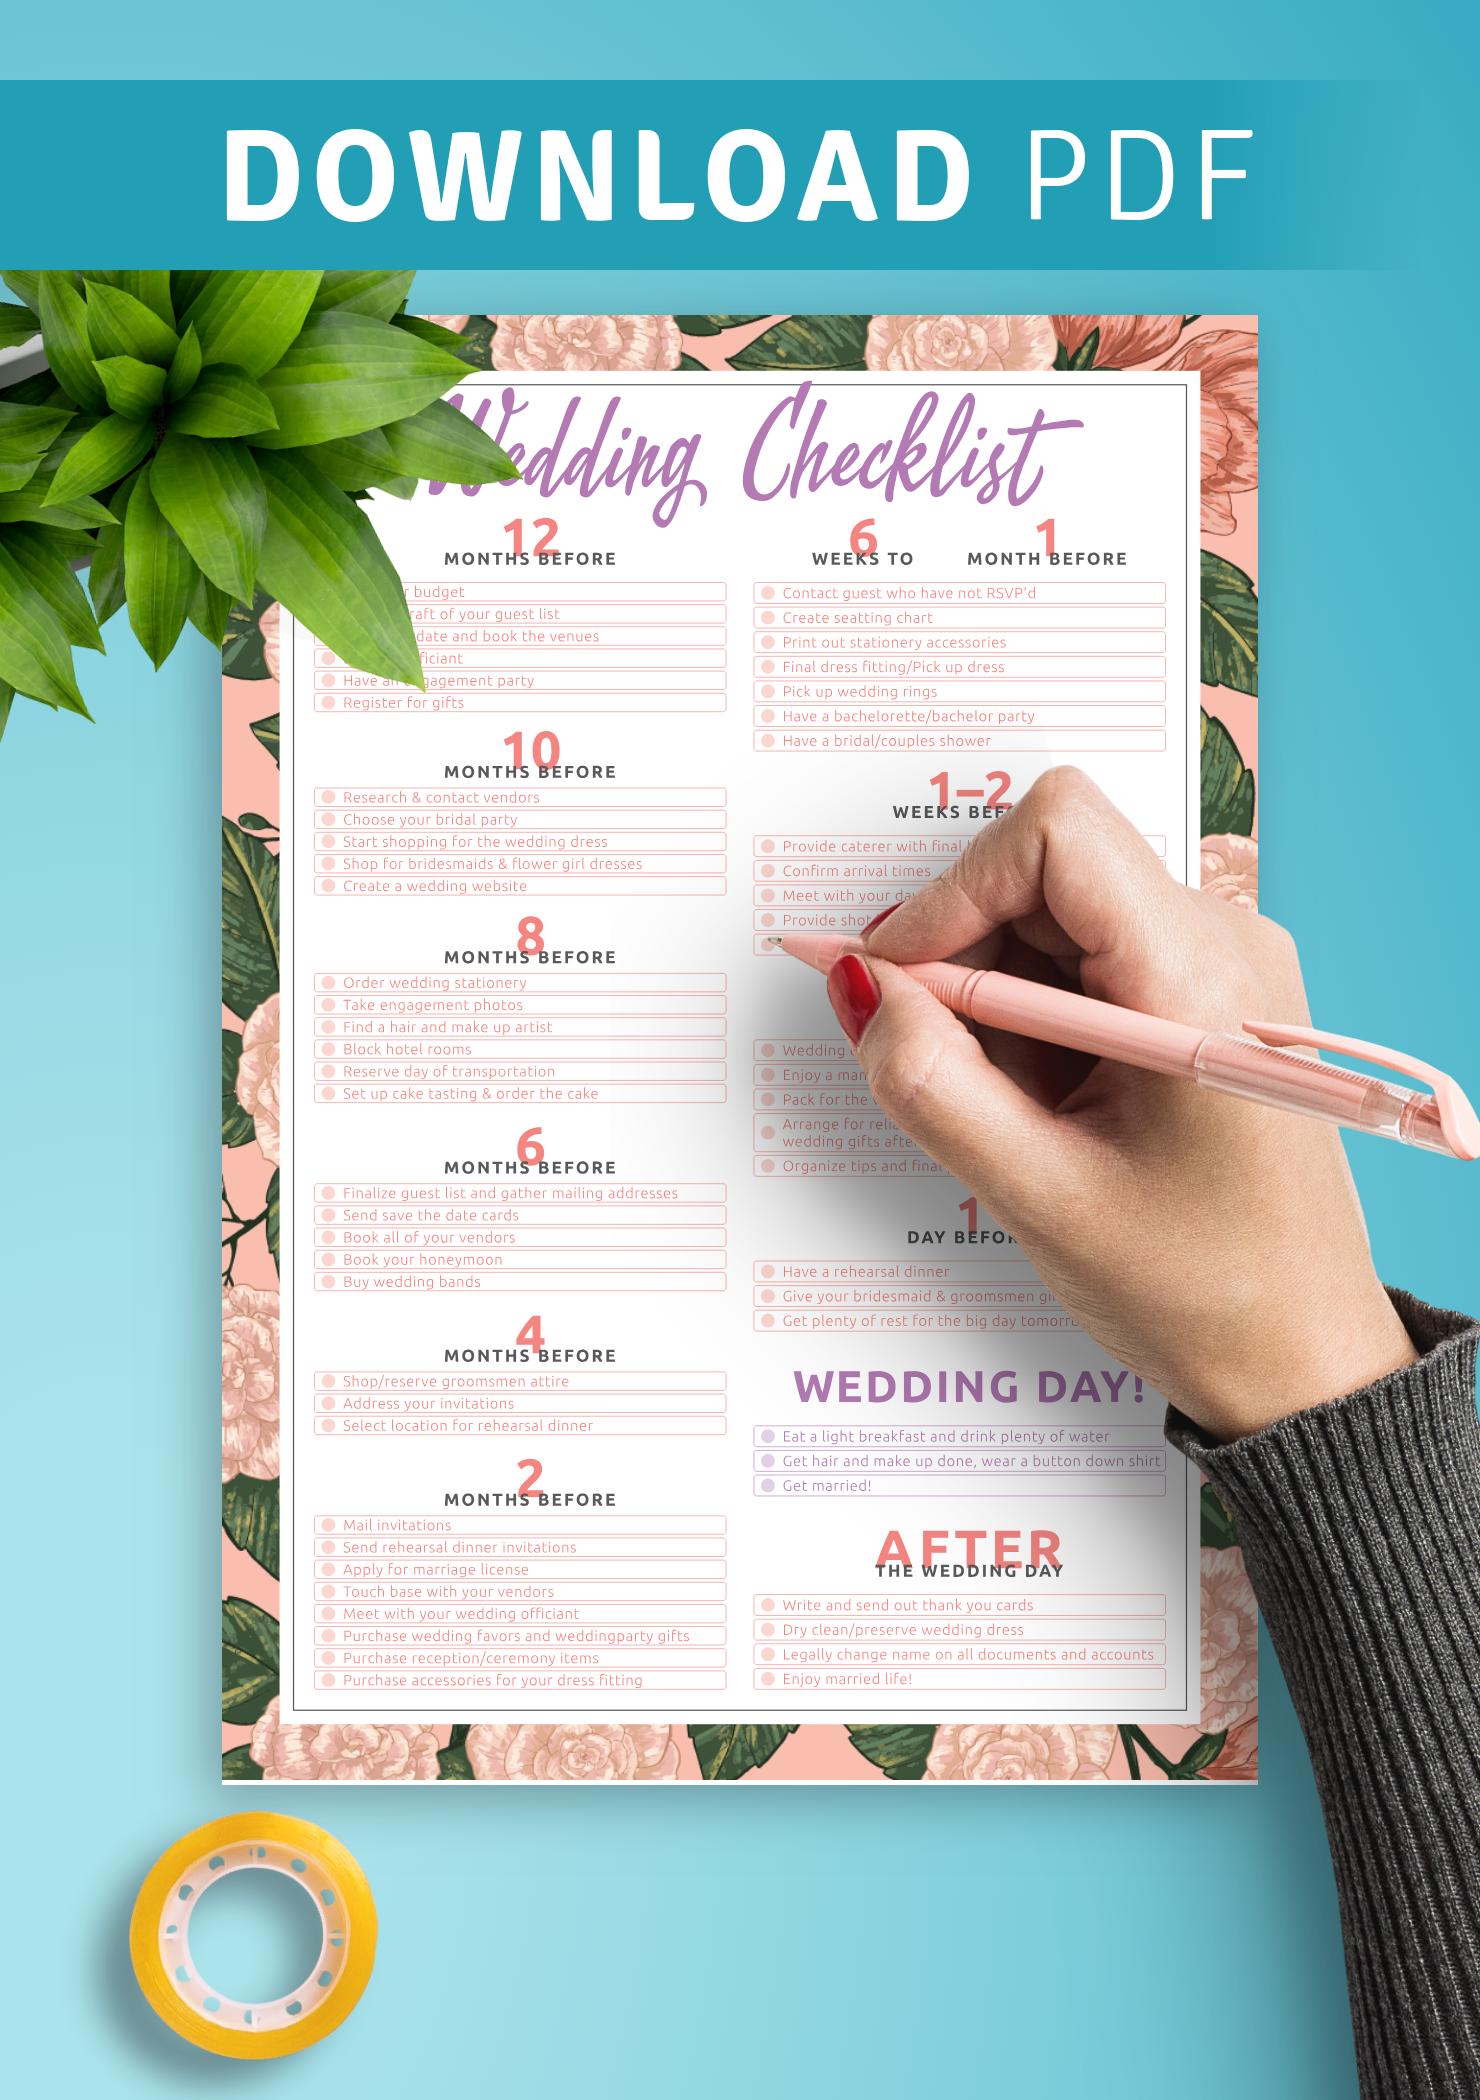 Download Printable Wedding Checklist Pdf